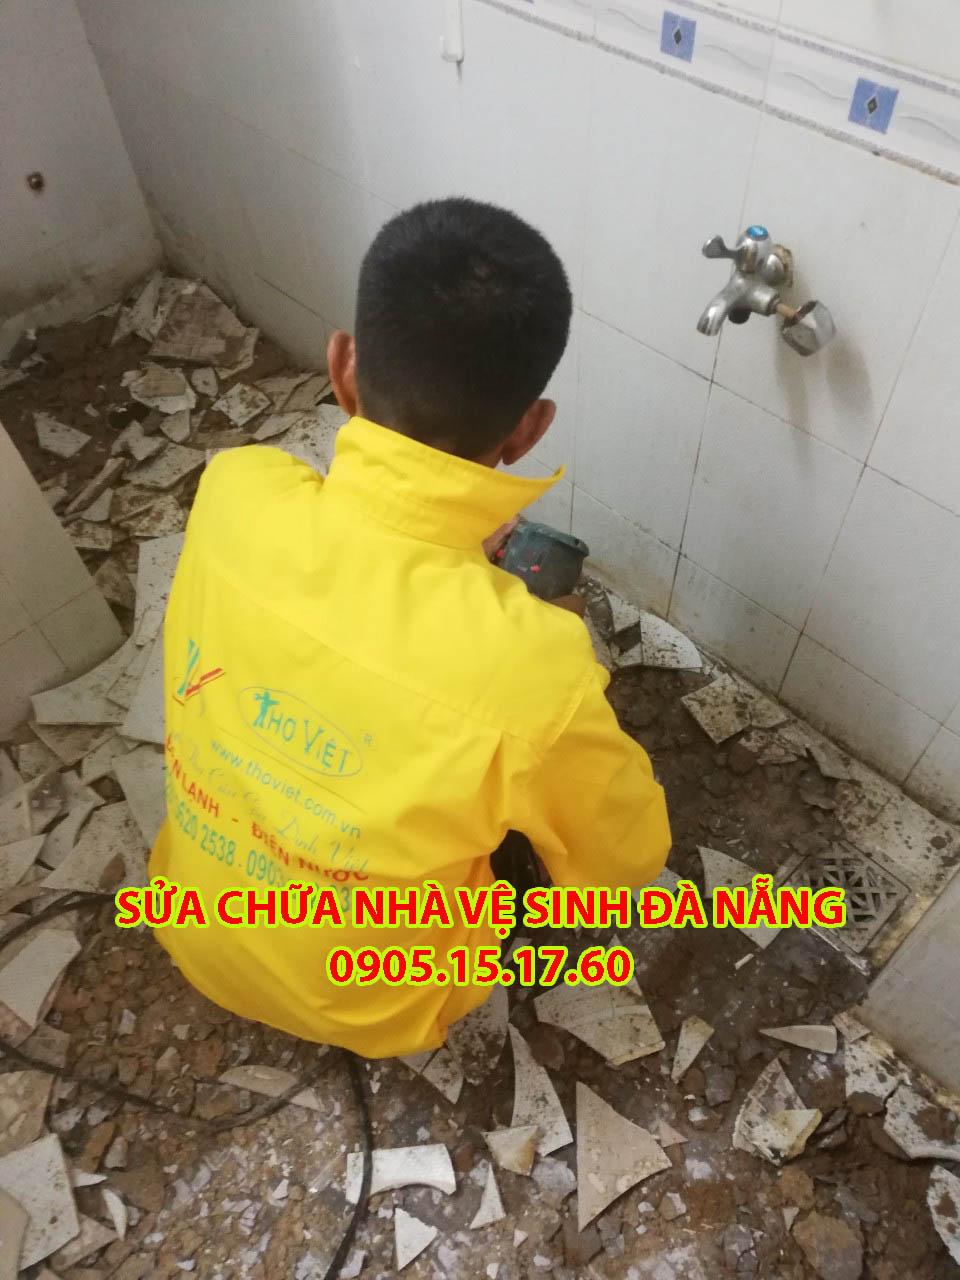 Dịch vụ sửa chữa nhà vệ sinh